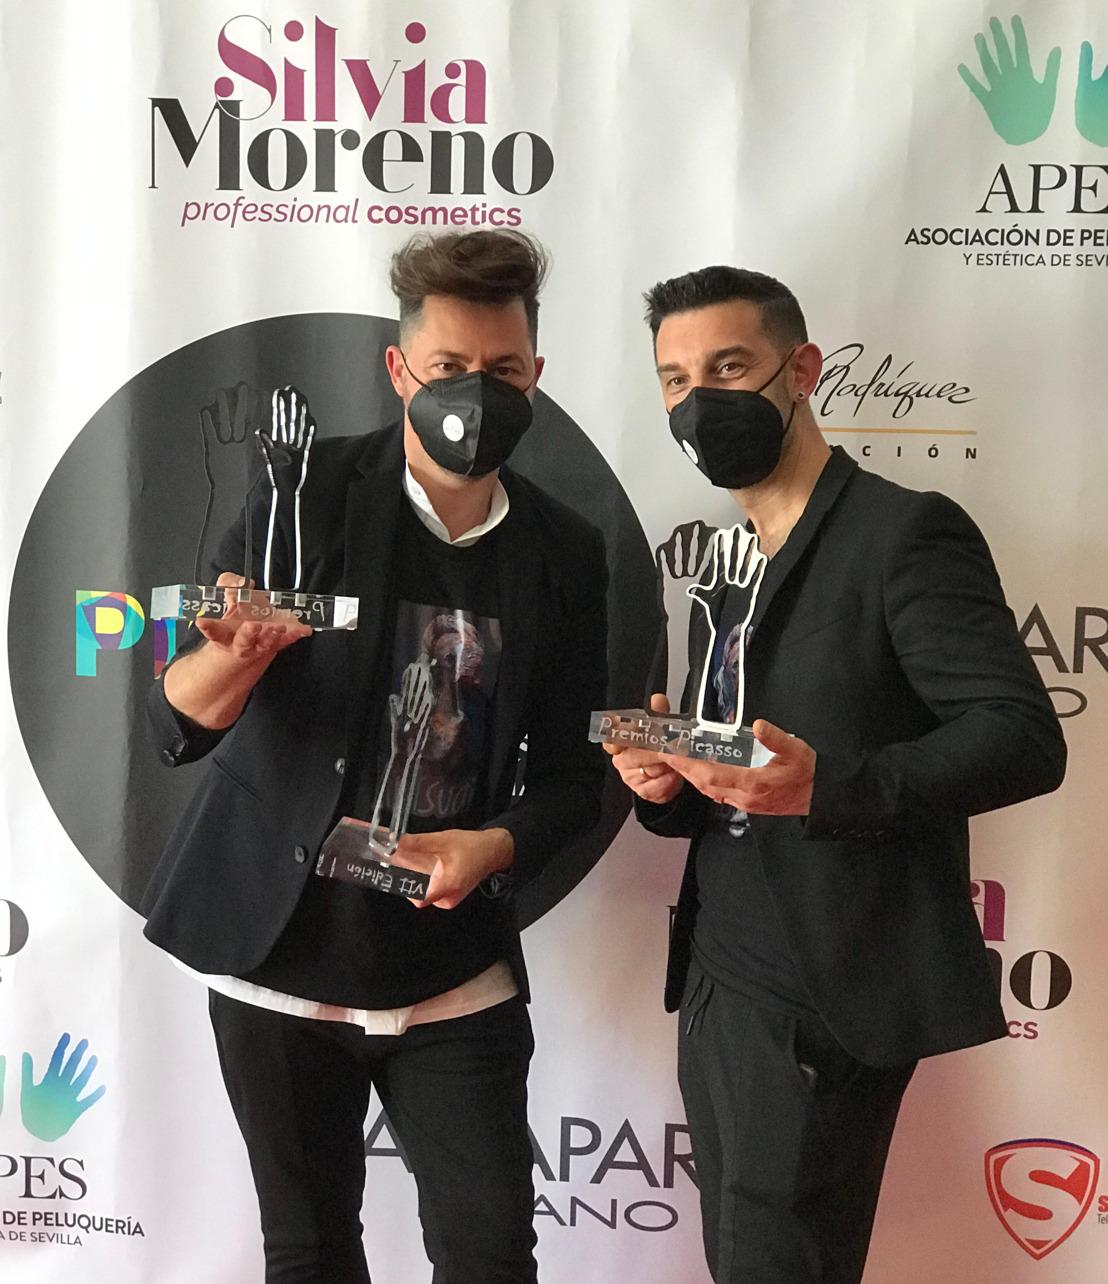 Juanmy Medialdea, Peluquero Andaluz del Año en los Premios Picasso, el éxito después de una tormenta creativa y emocional